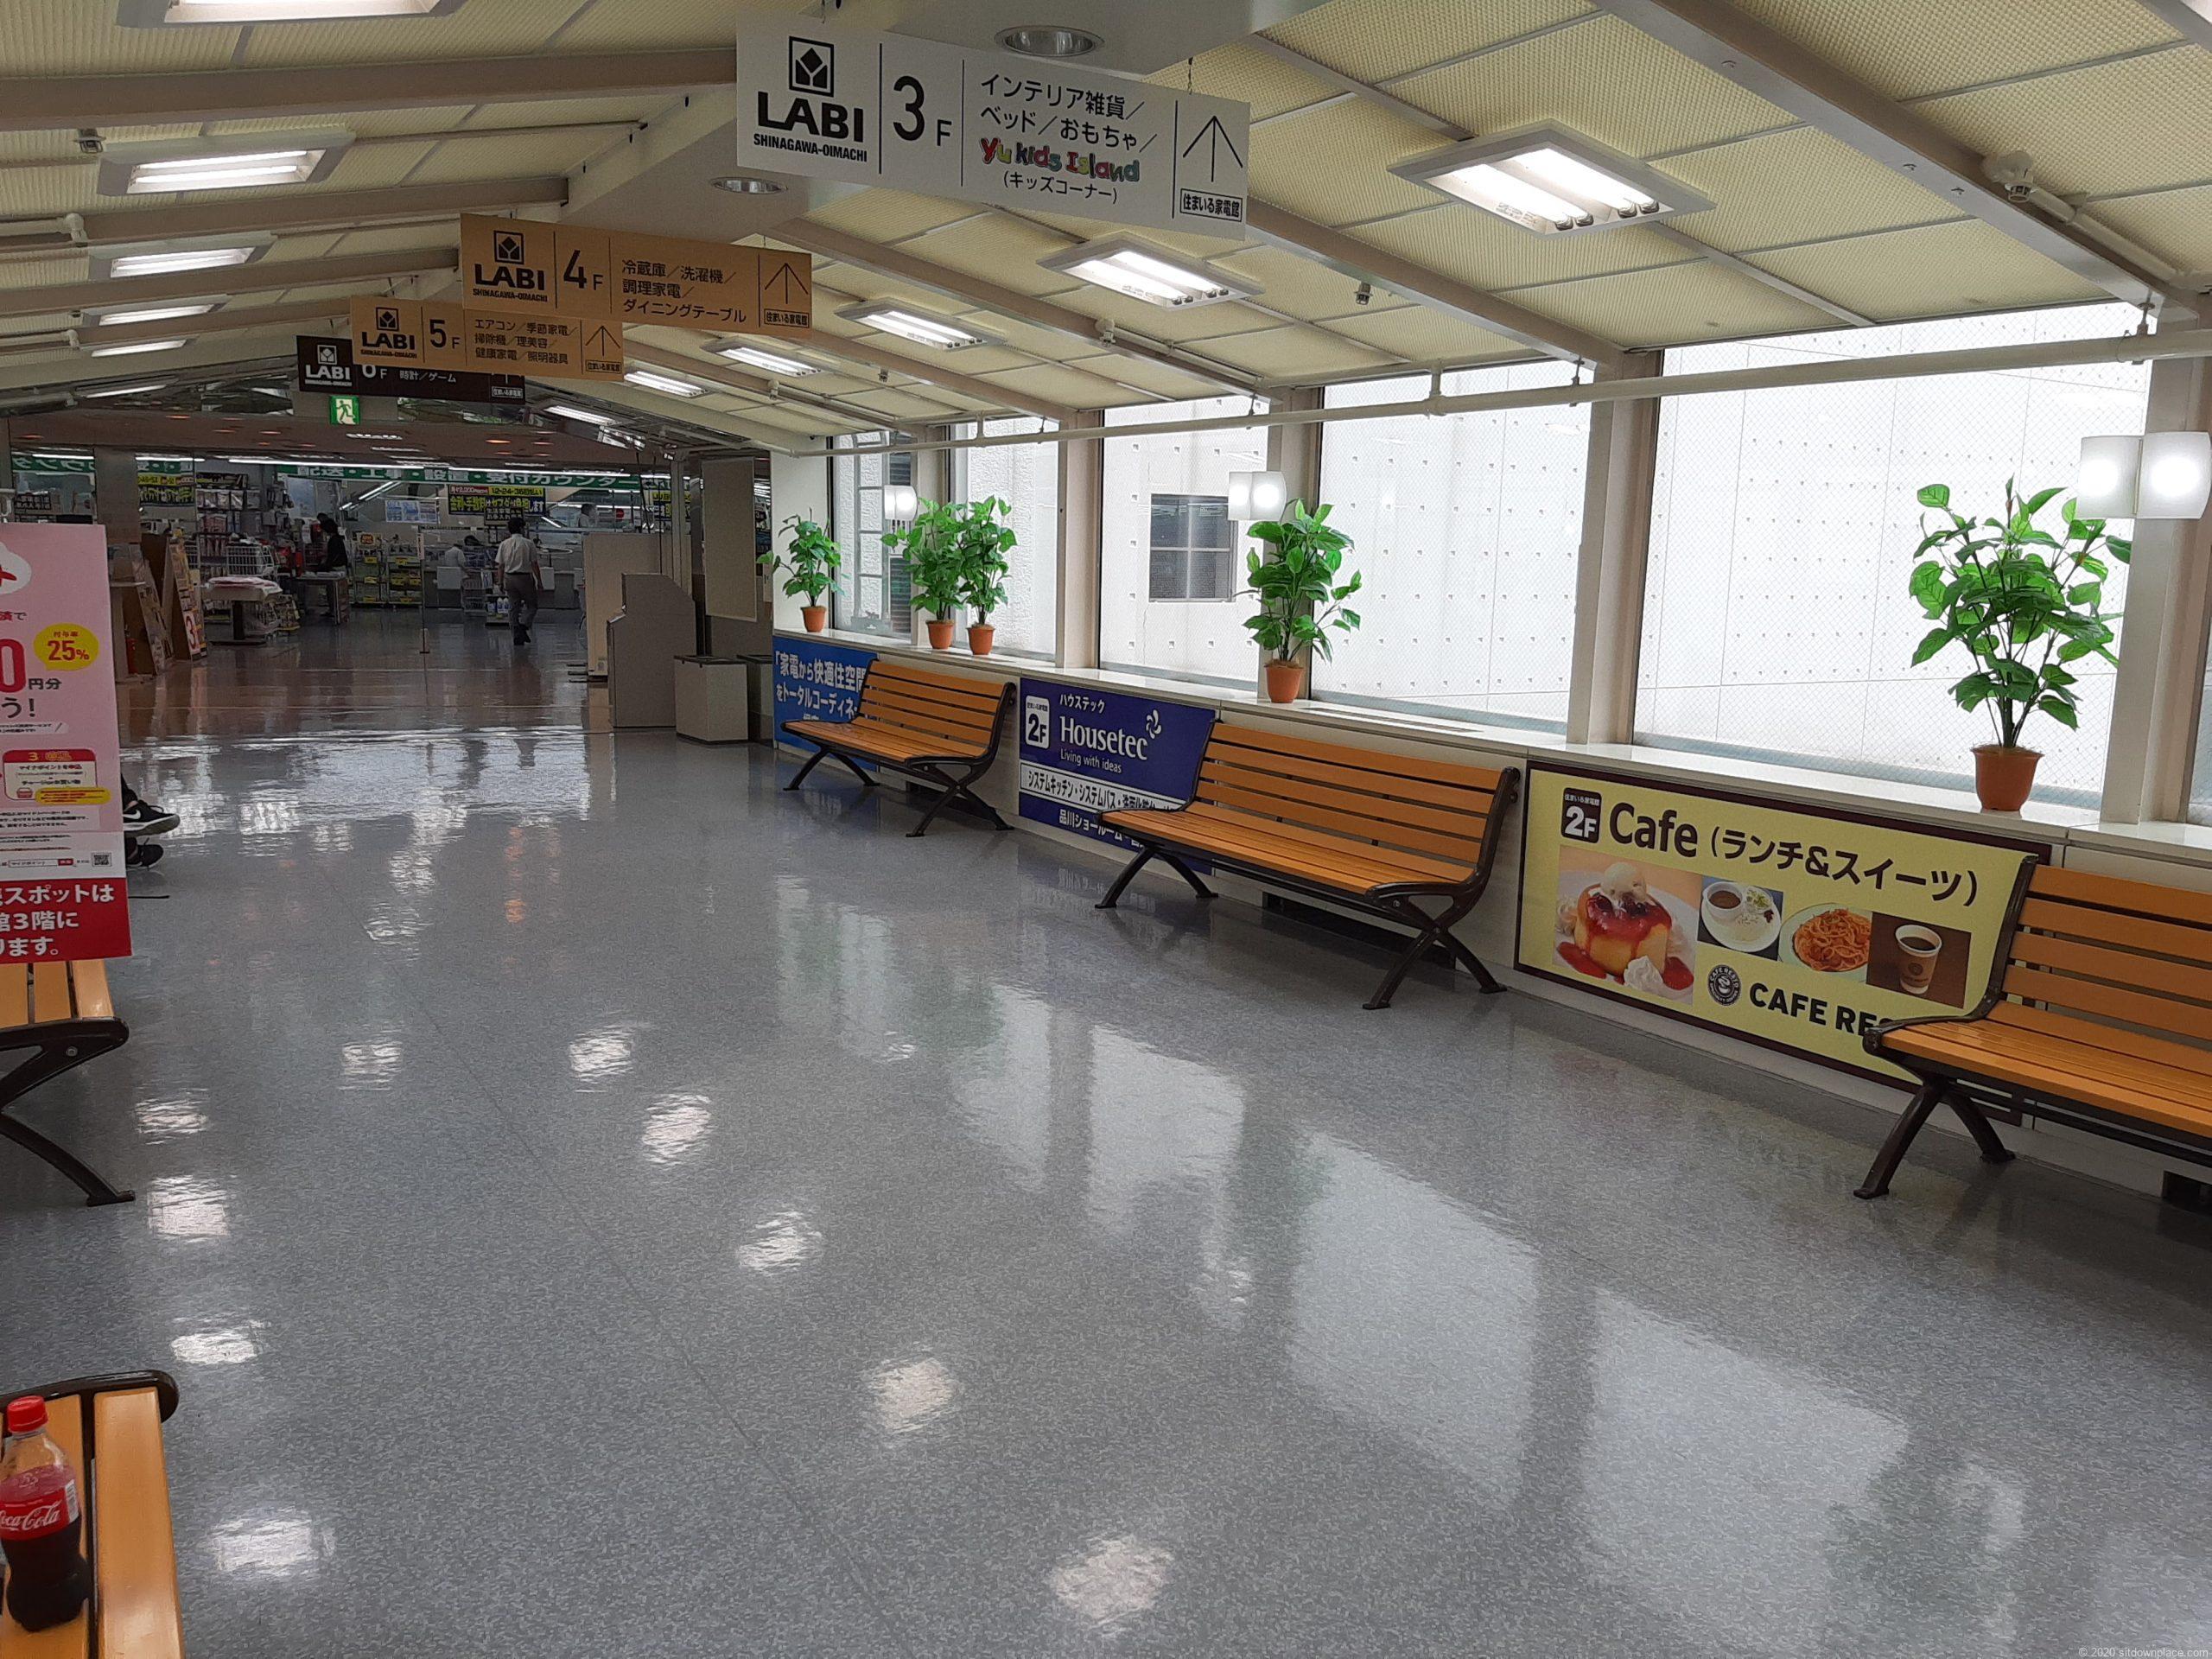 大井町ヤマダ電機のベンチ